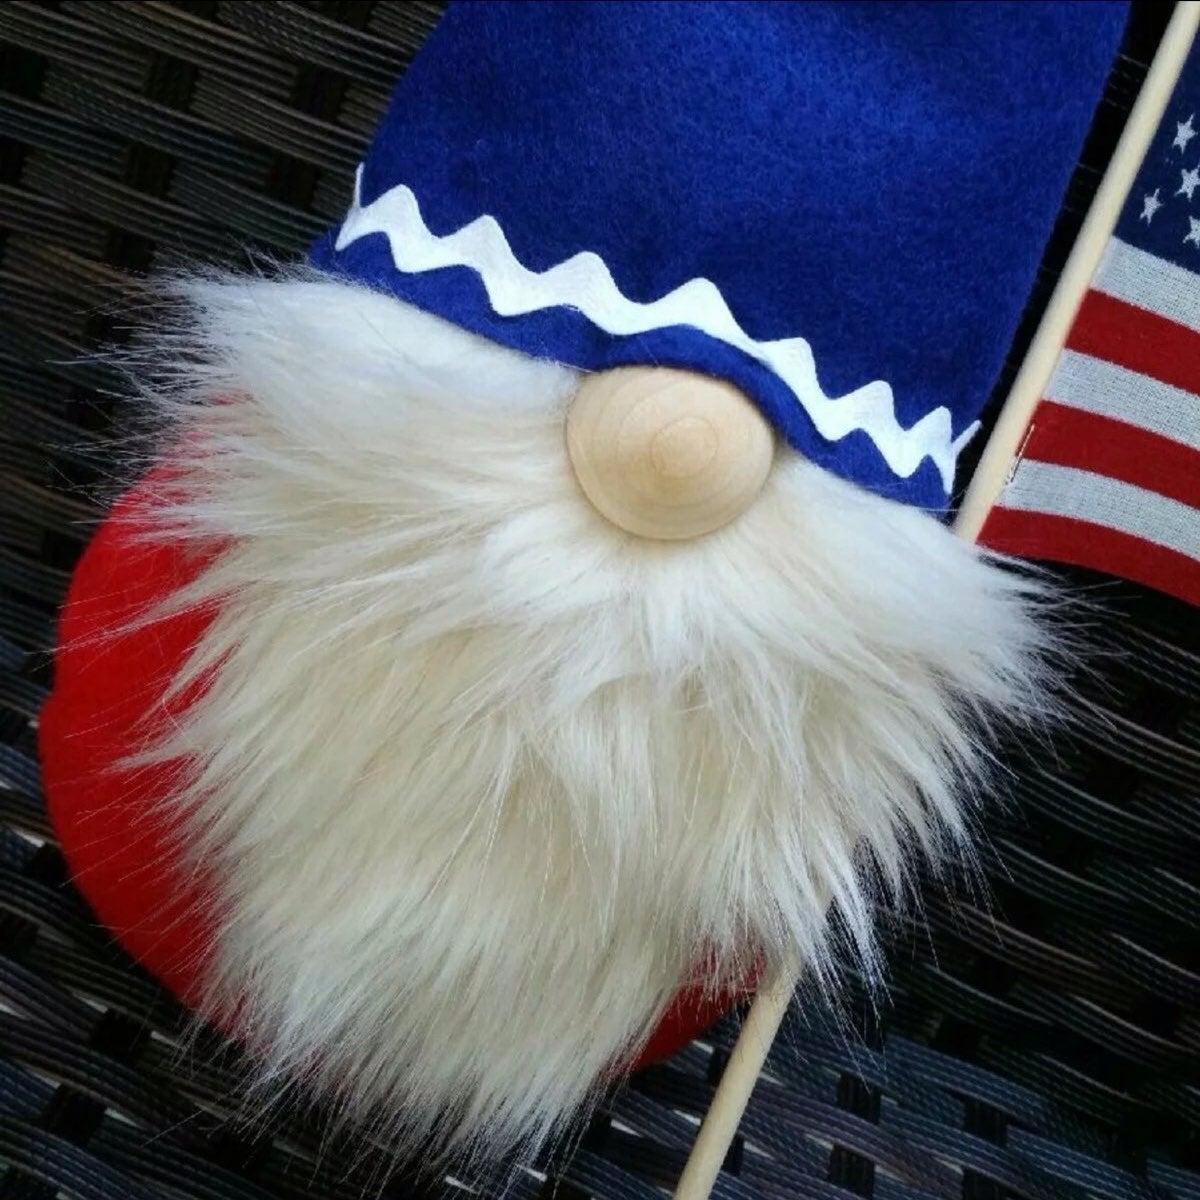 Gnome. Veteran. USA. Patriotic Gnome.